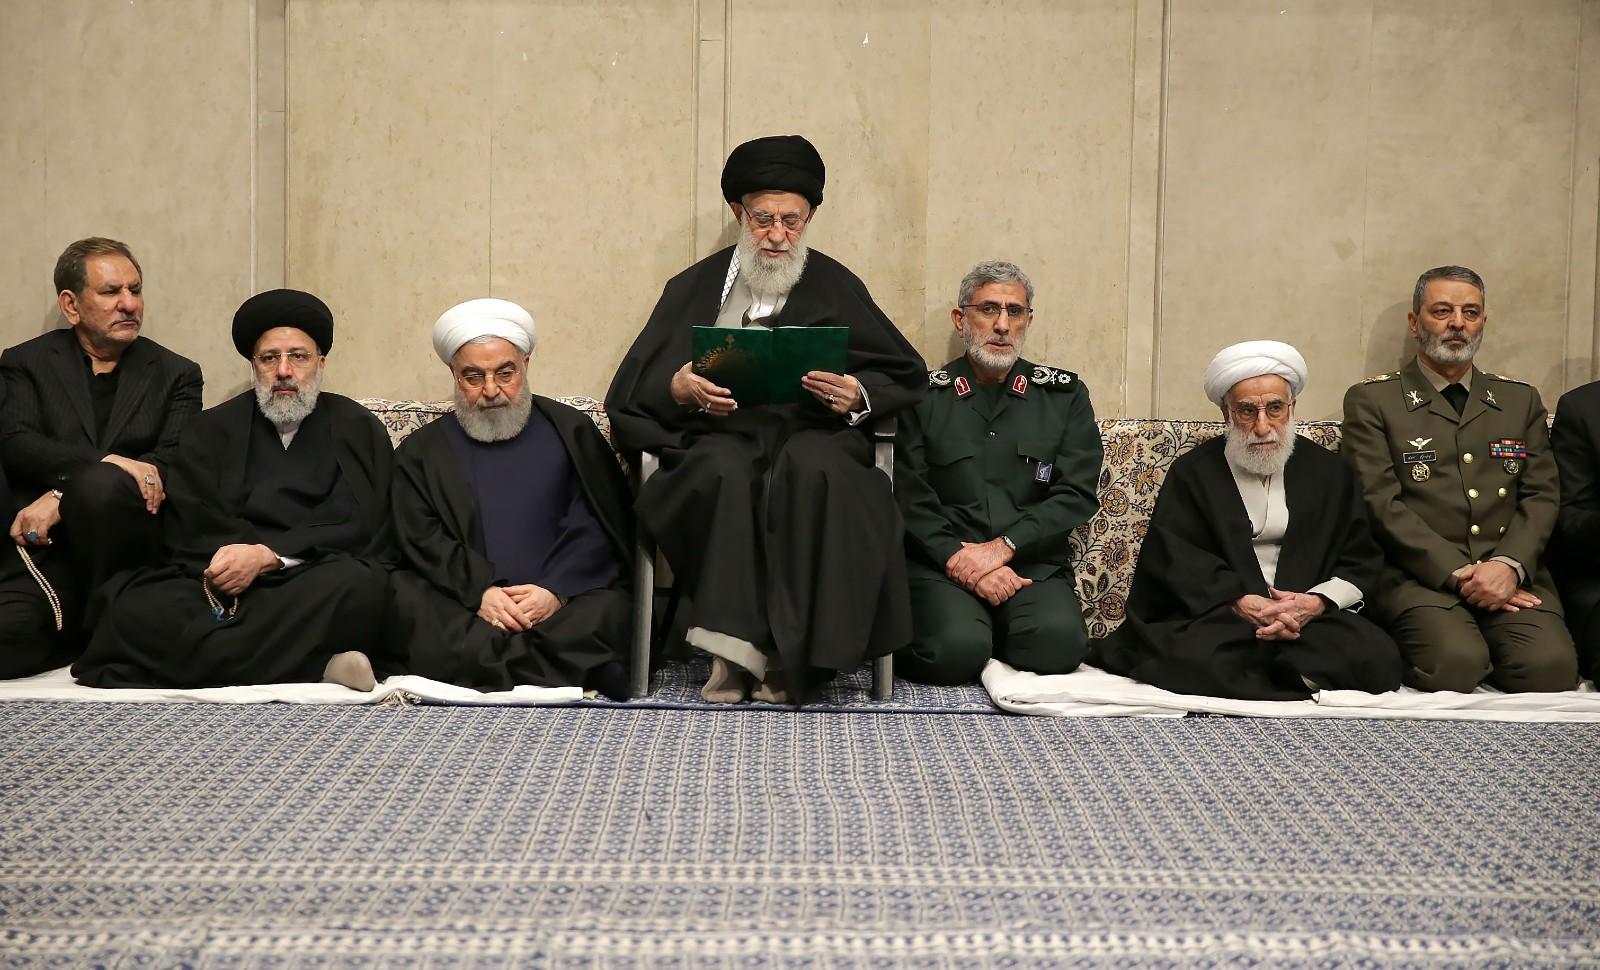 Le guide suprême, Ali Khamenei, avec, à sa droite, le président Hassan Rohani, et sa gauche, Ismael Qaani, commandant de la Force Al-Qods. Malgré son grade militaire supérieur, Abdolrahim Mousavi, chef d'état-major des forces armées iraniennes, est relégué en troisième position à la gauche du guide. © Ay-collection/ Sipa